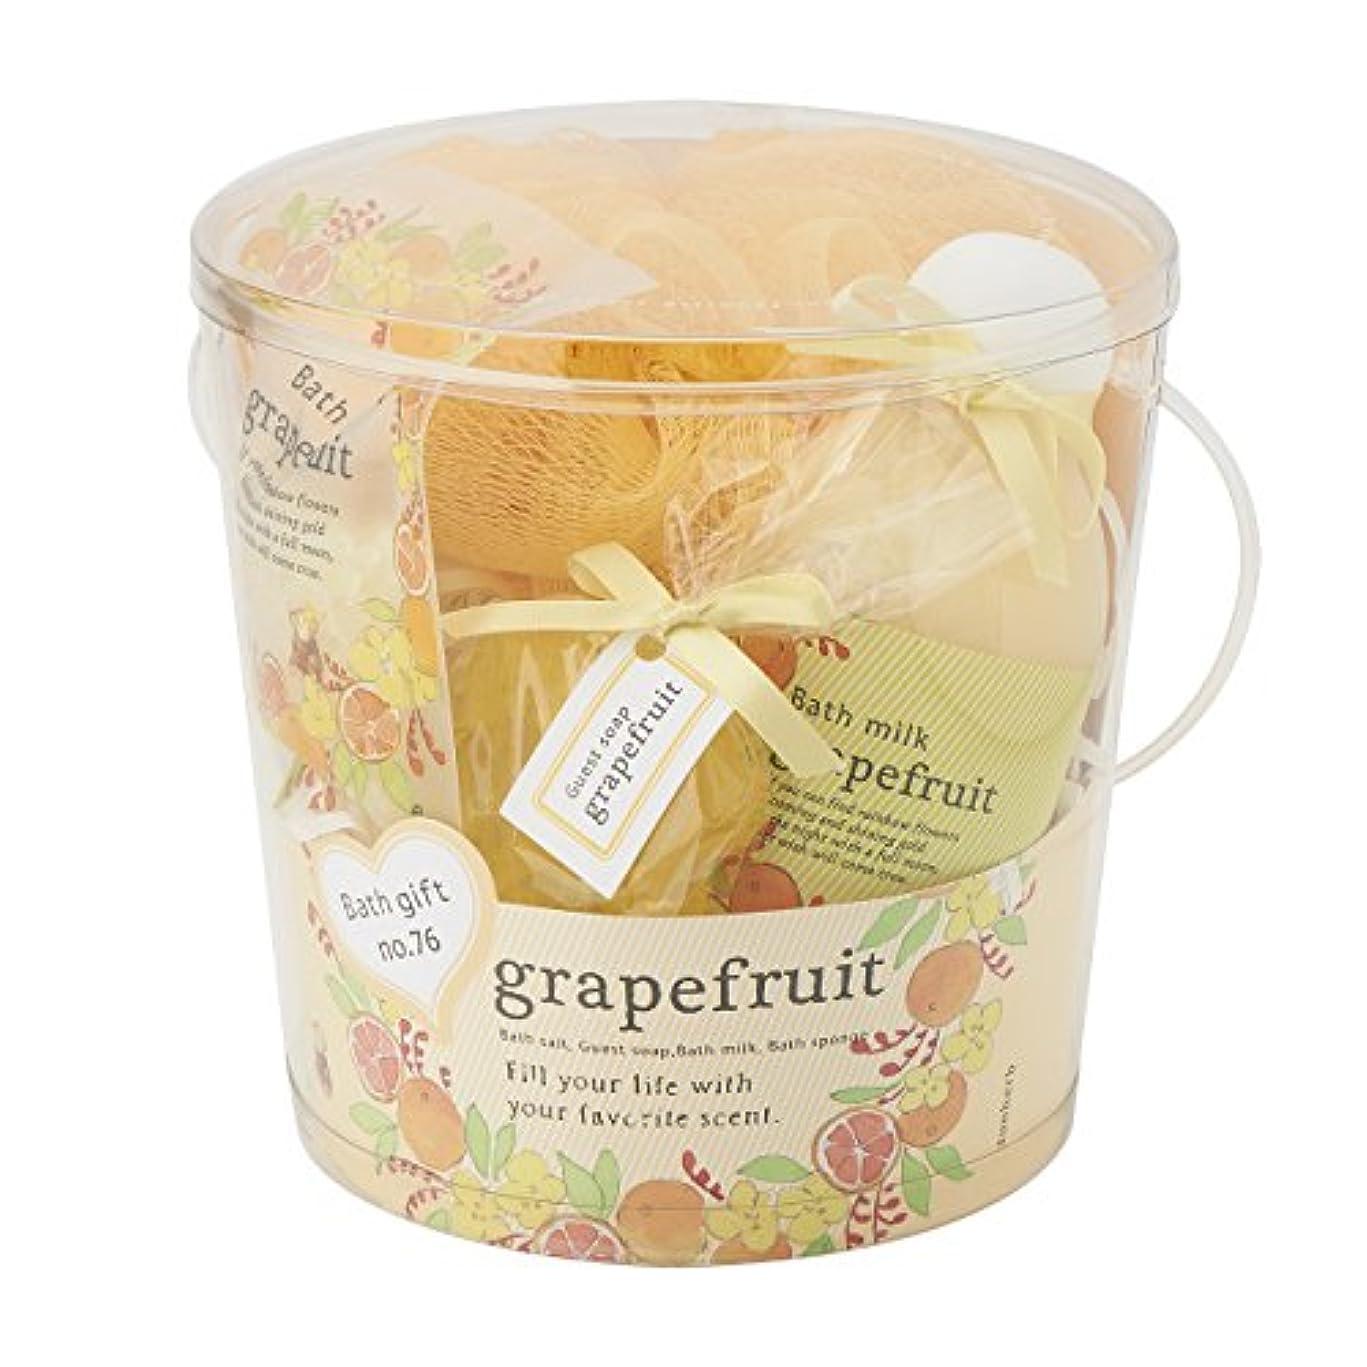 土器下軽量サンハーブ バスギフトNo.76 グレープフルーツ(バスミルク入りのボリューミーなバスセット シャキっとまぶしい柑橘系の香り)